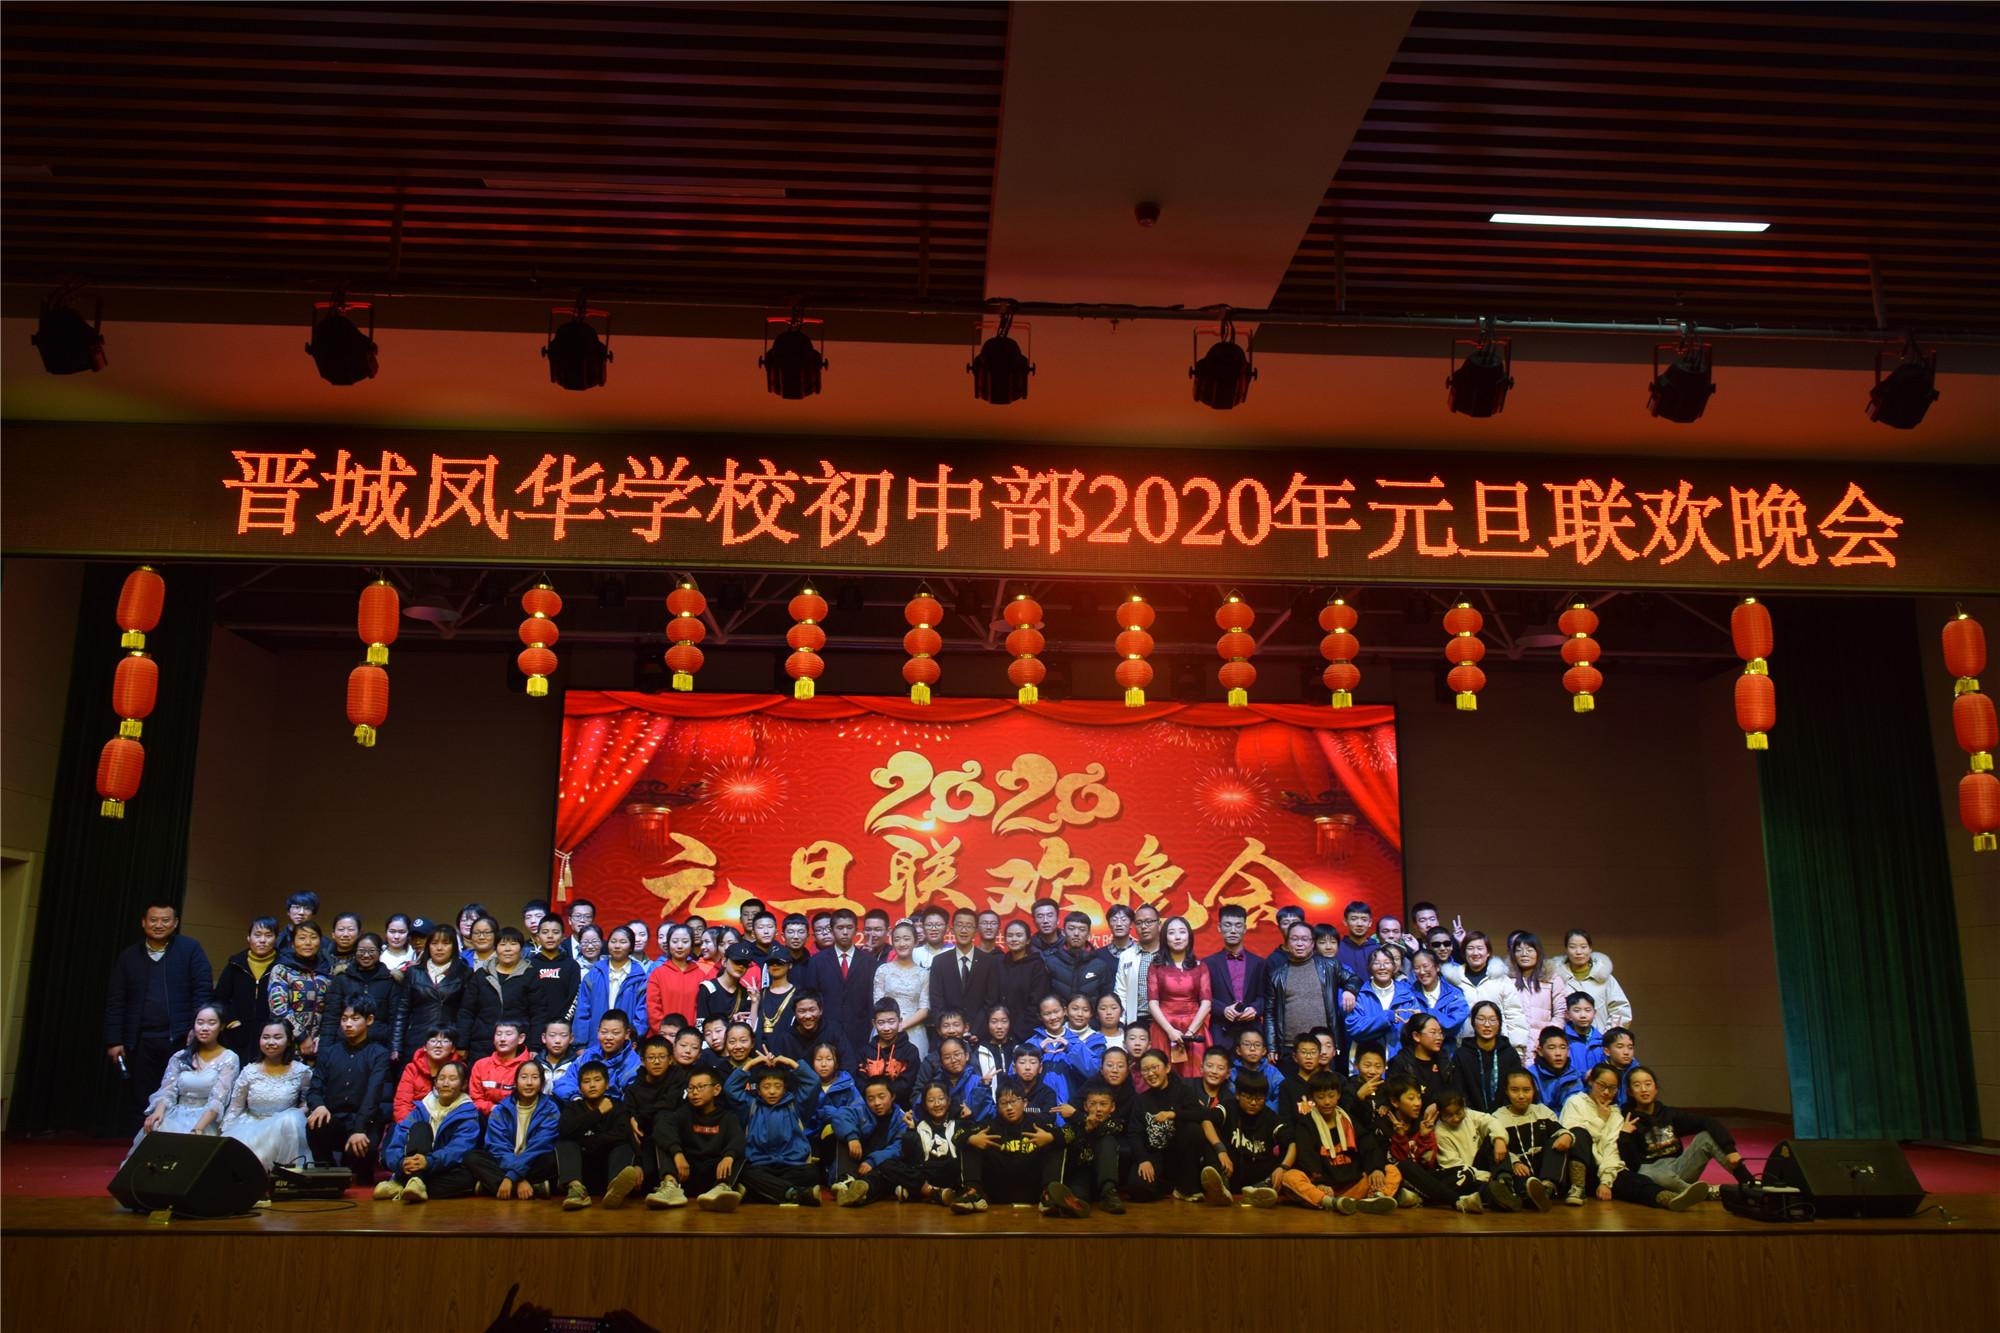 我xin飞扬 不fu韶华——晋城网上赌场登lu学校初zhong部2020年元dan联欢晚会